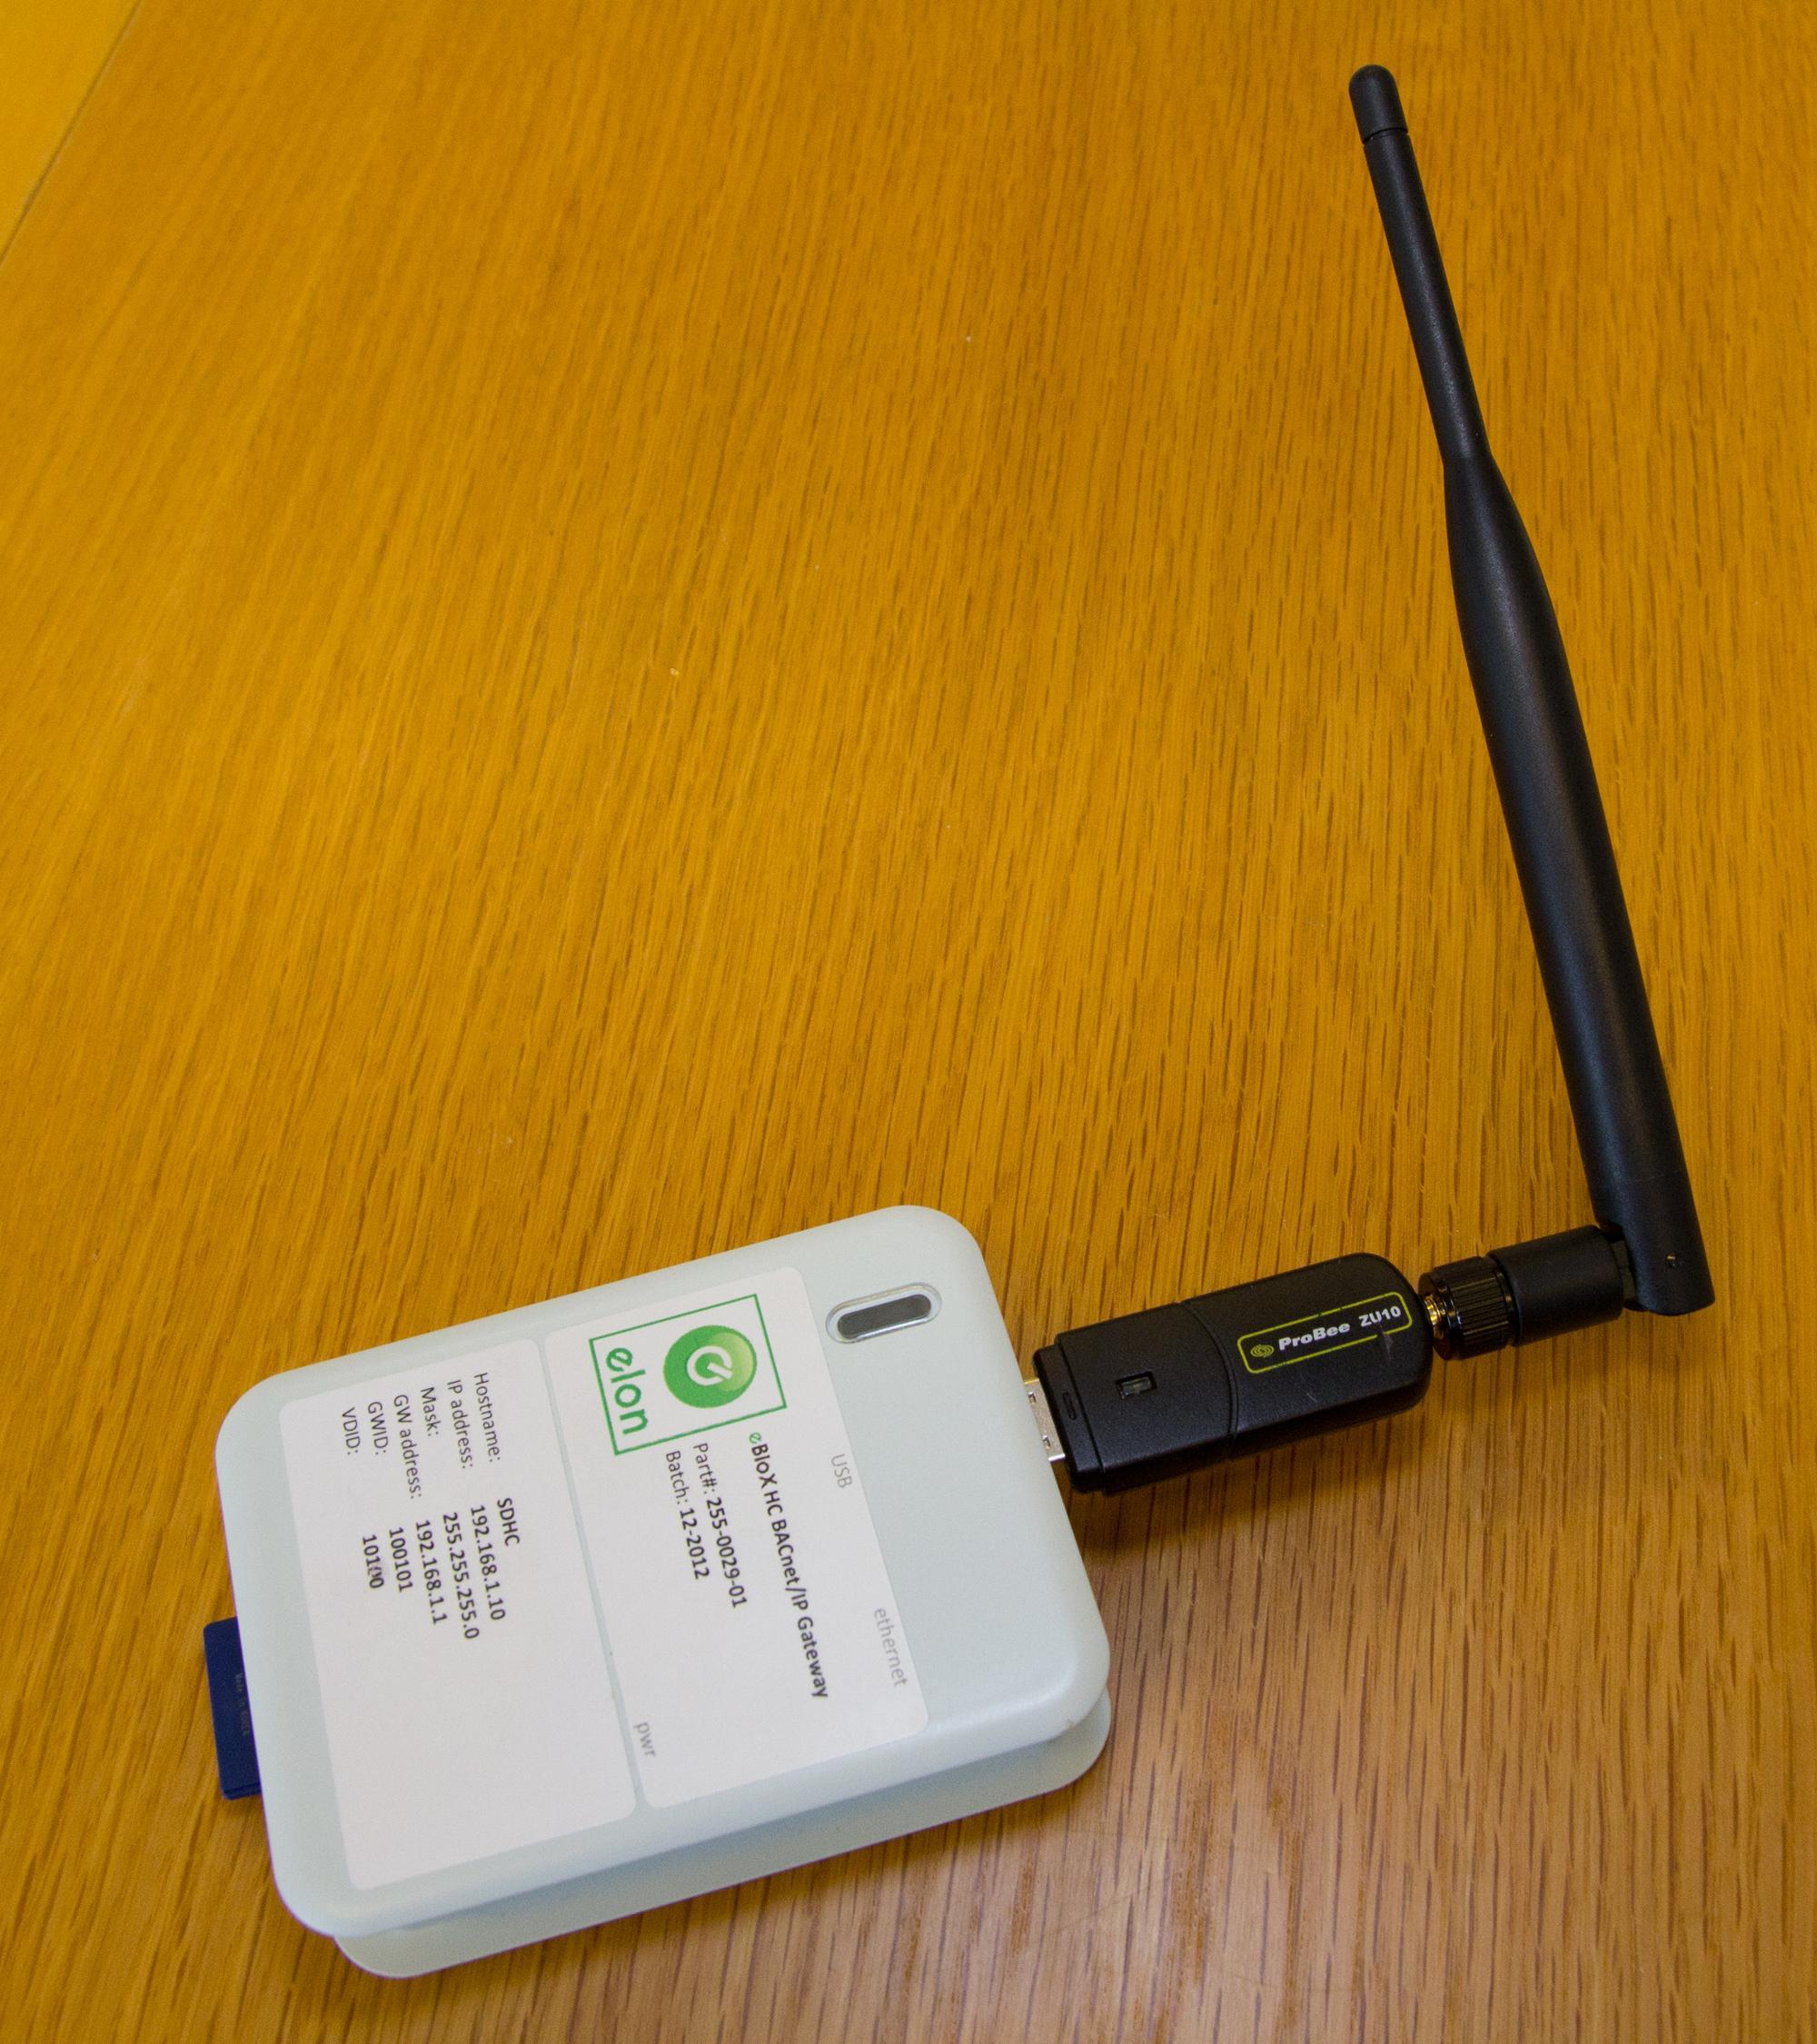 Forrige variant, med en vesentlig større antenne. Foto: Rolf B. Wegner, Hardware.no